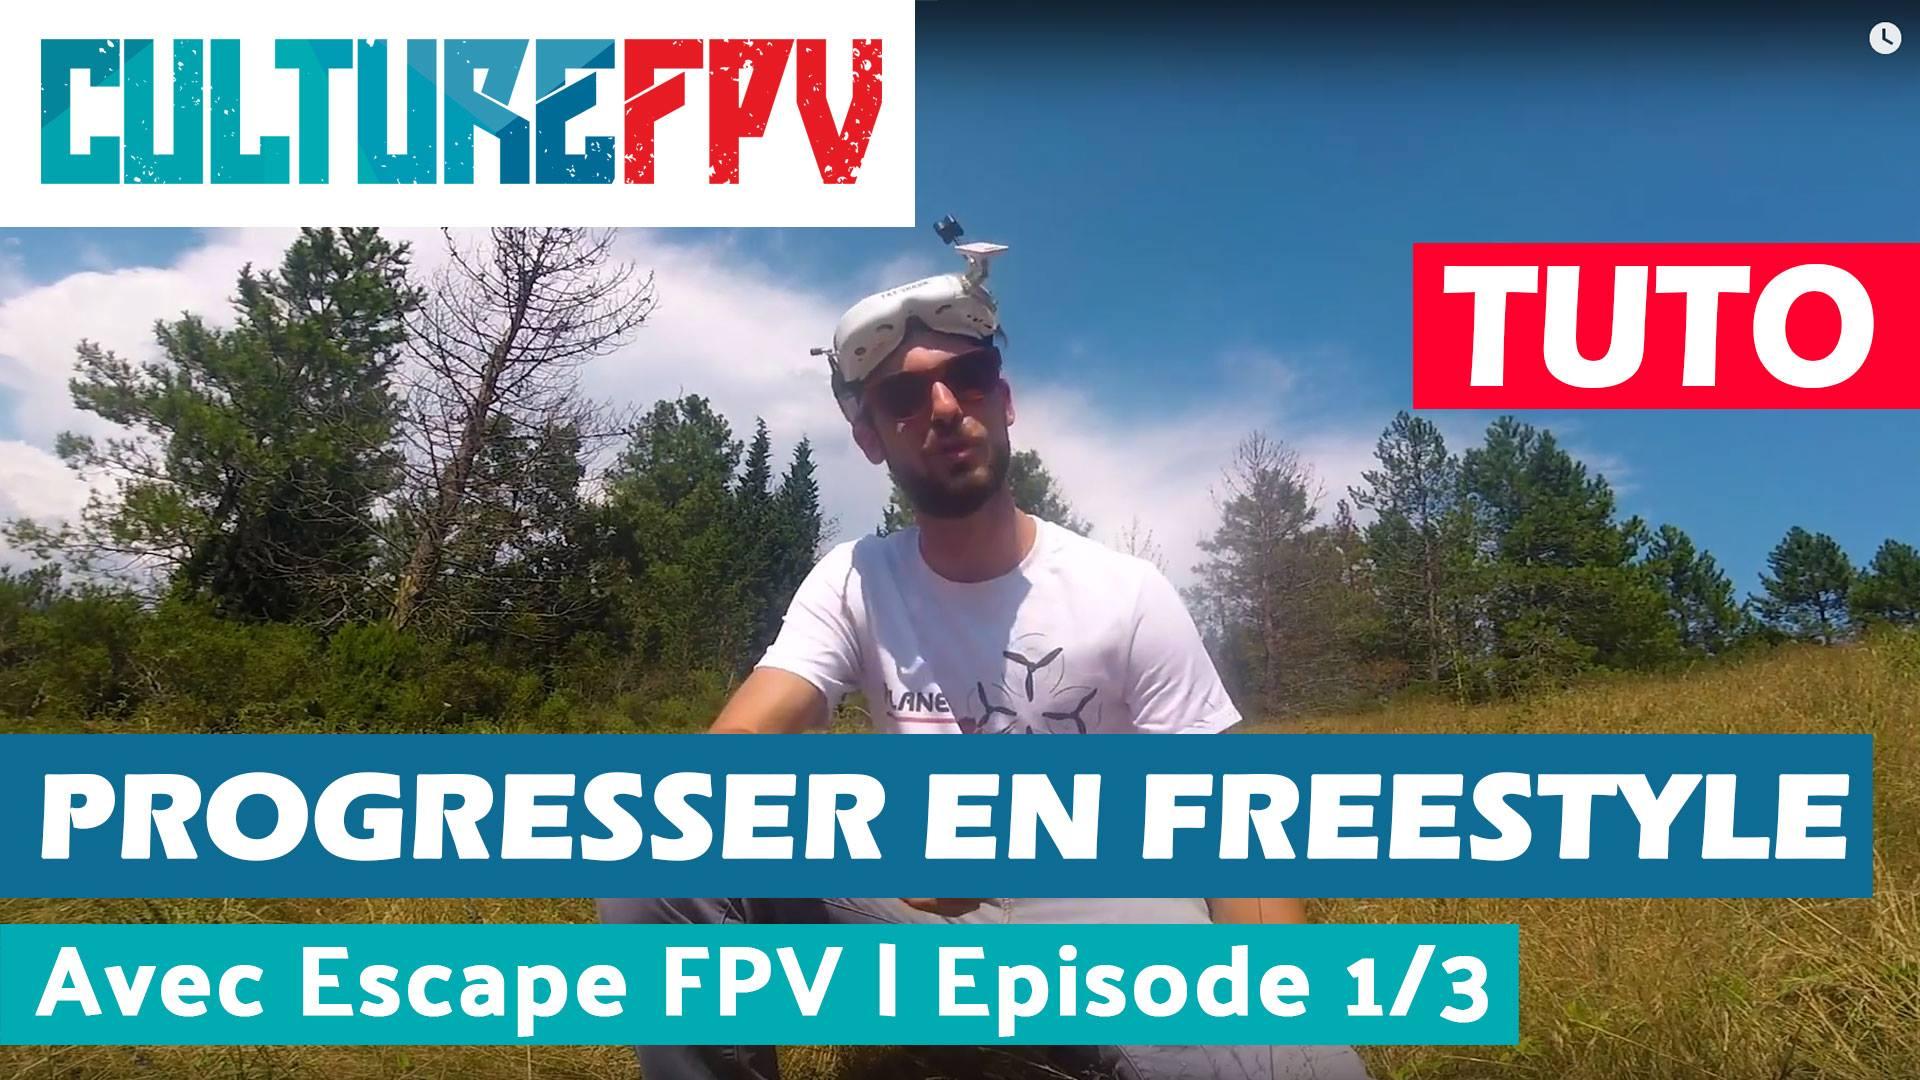 Escape FPV